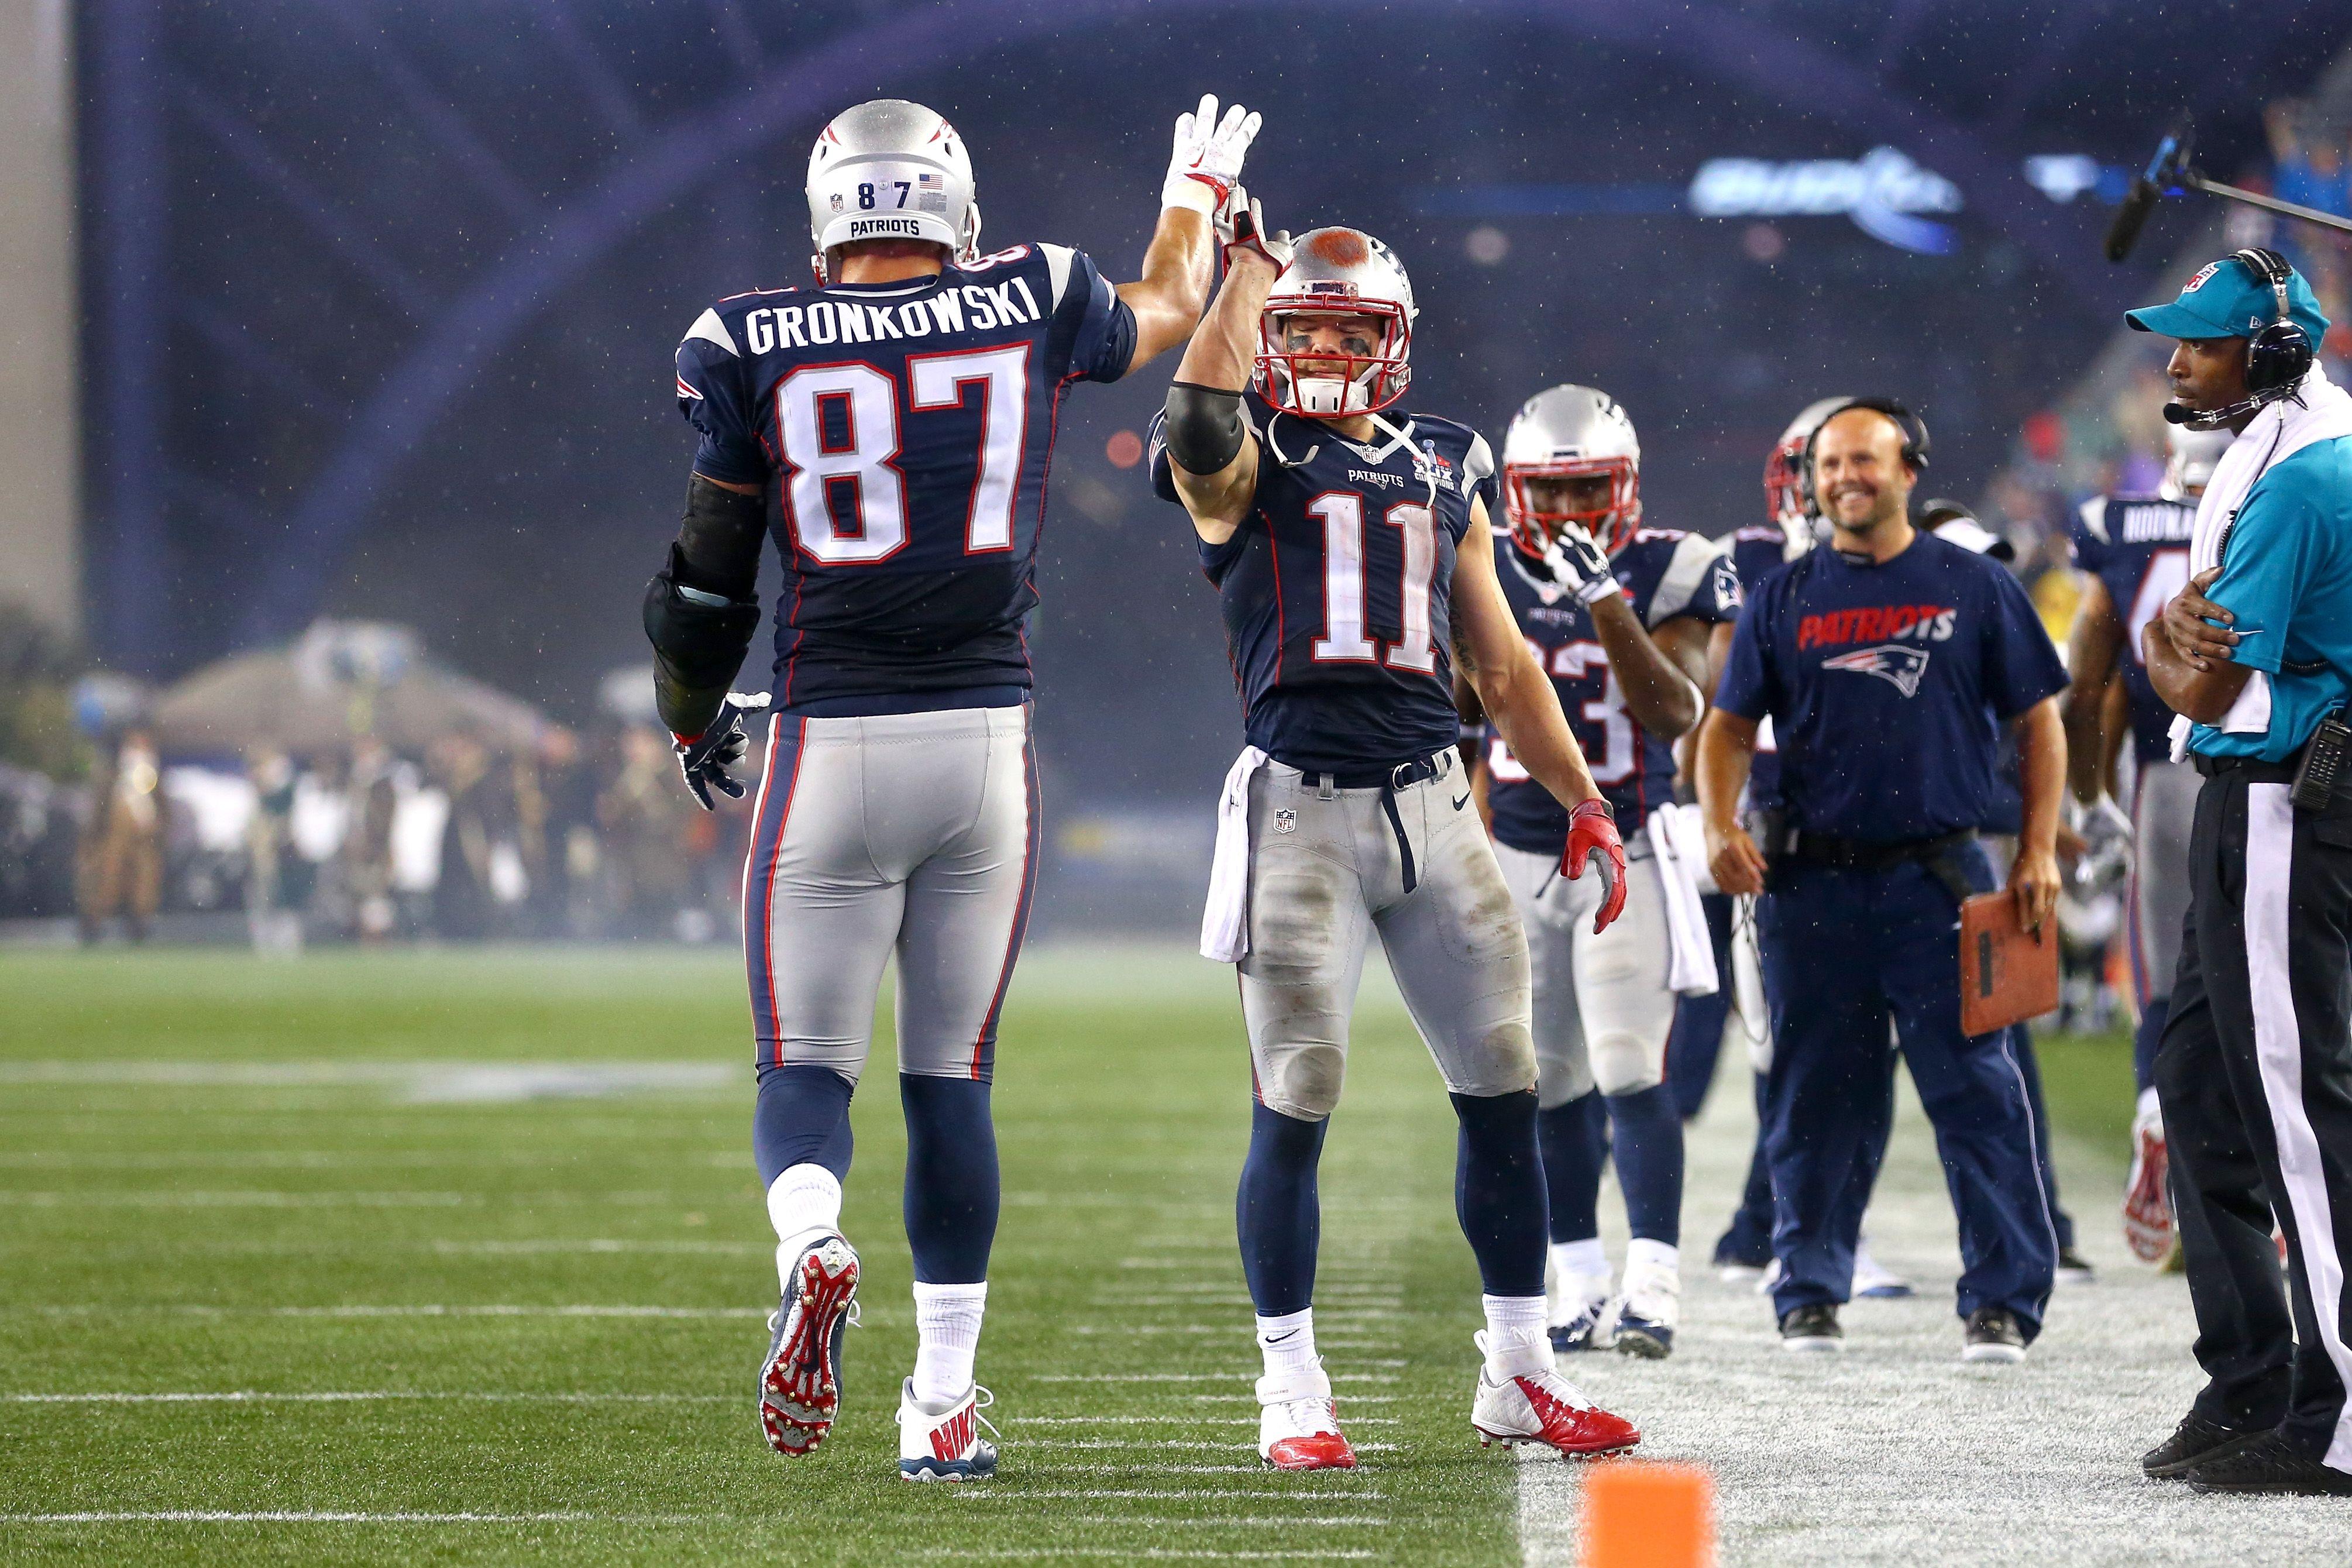 Rob Gronkowski And Julian Edelman 4020 2680 Gronkowski Julian Edelman New England Patriots